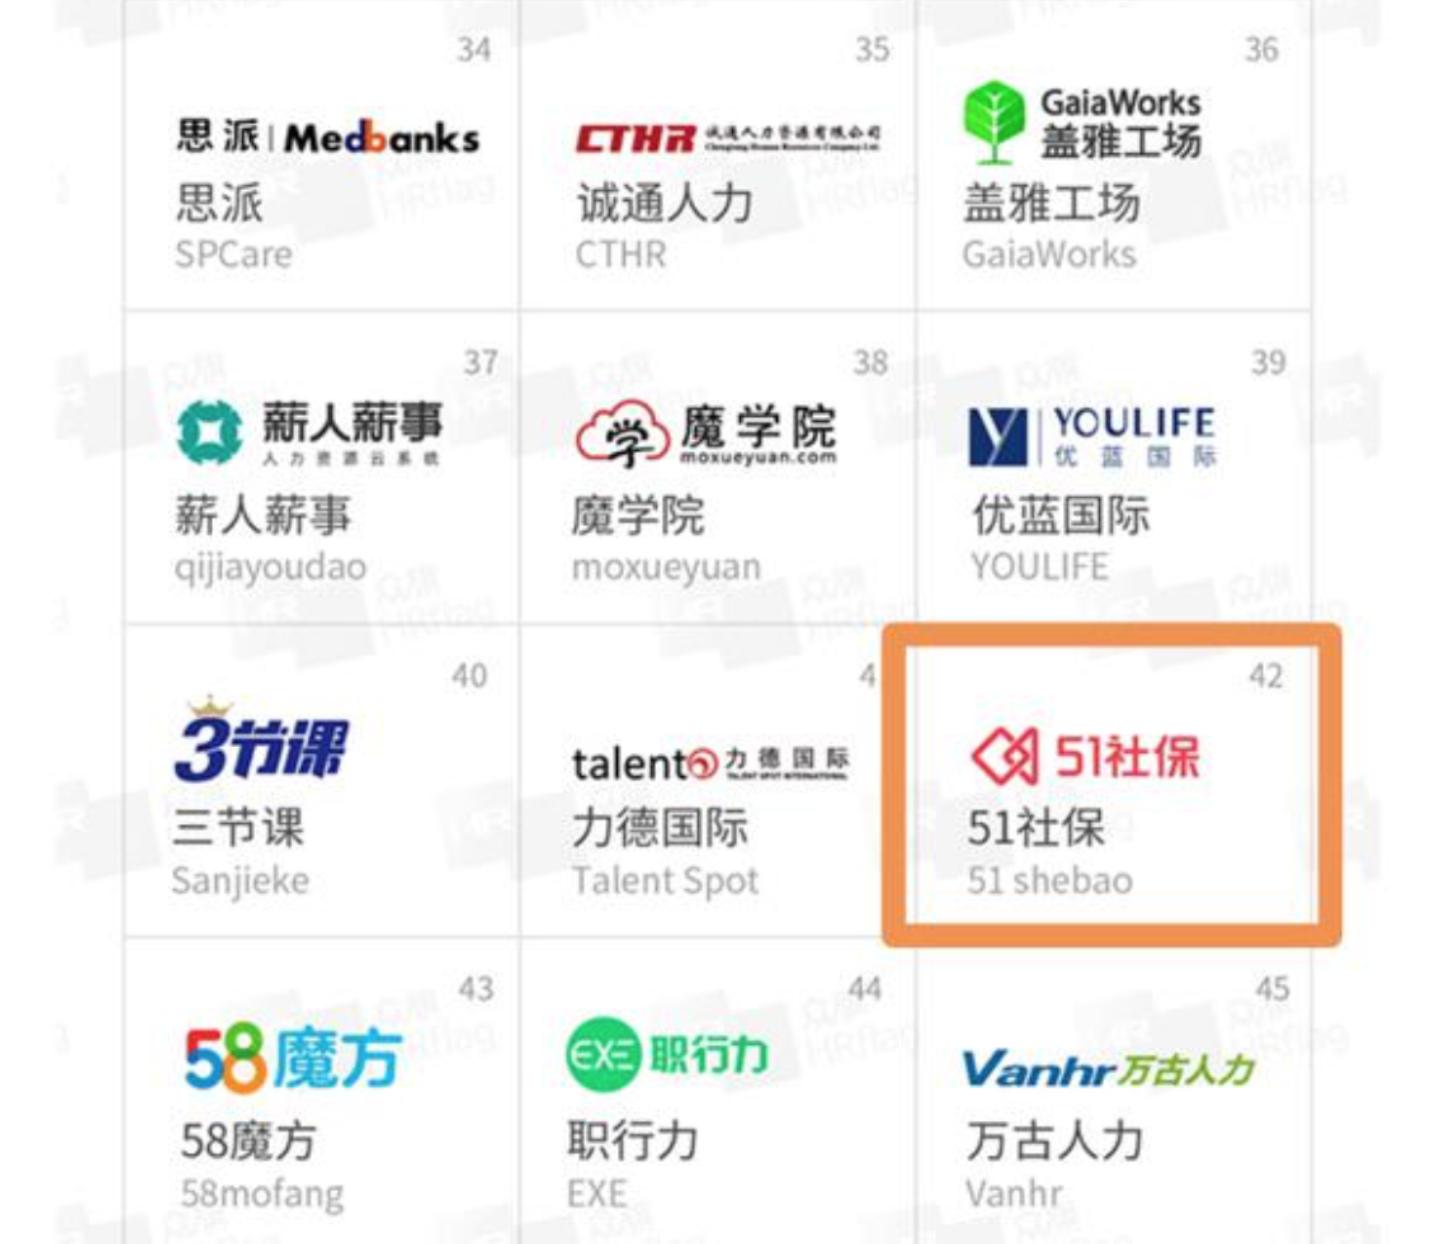 众合云科旗下51社保荣登HRflag2021中国人力资源服务品牌百强席位